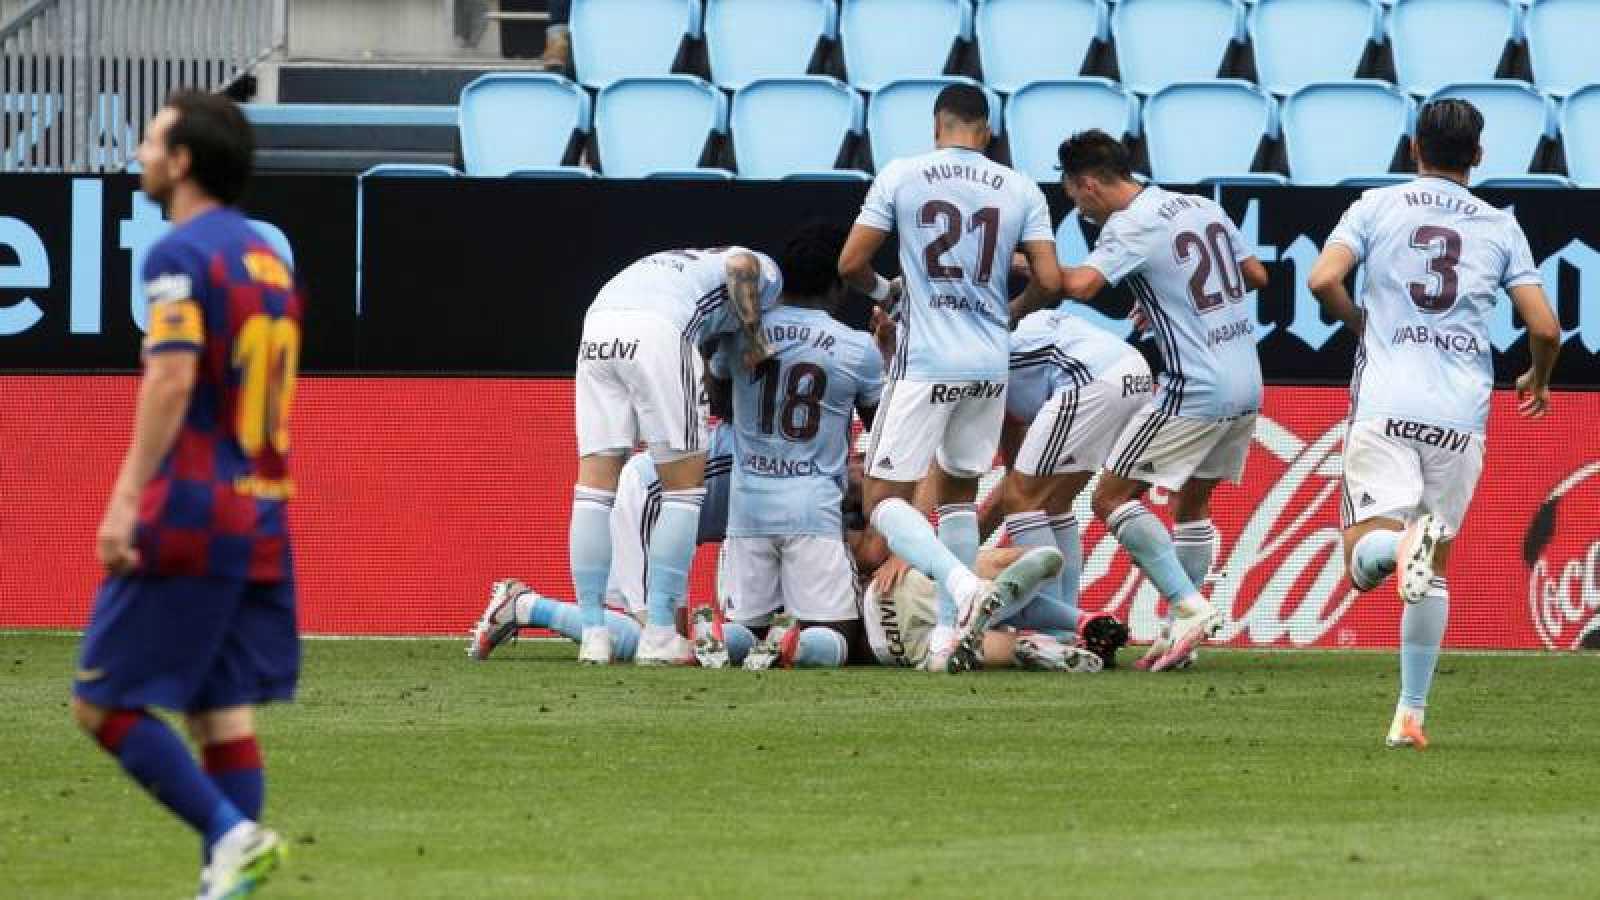 El Celta celebra el gol de Aspas que puso el 2-2 definitivo en el marcador.